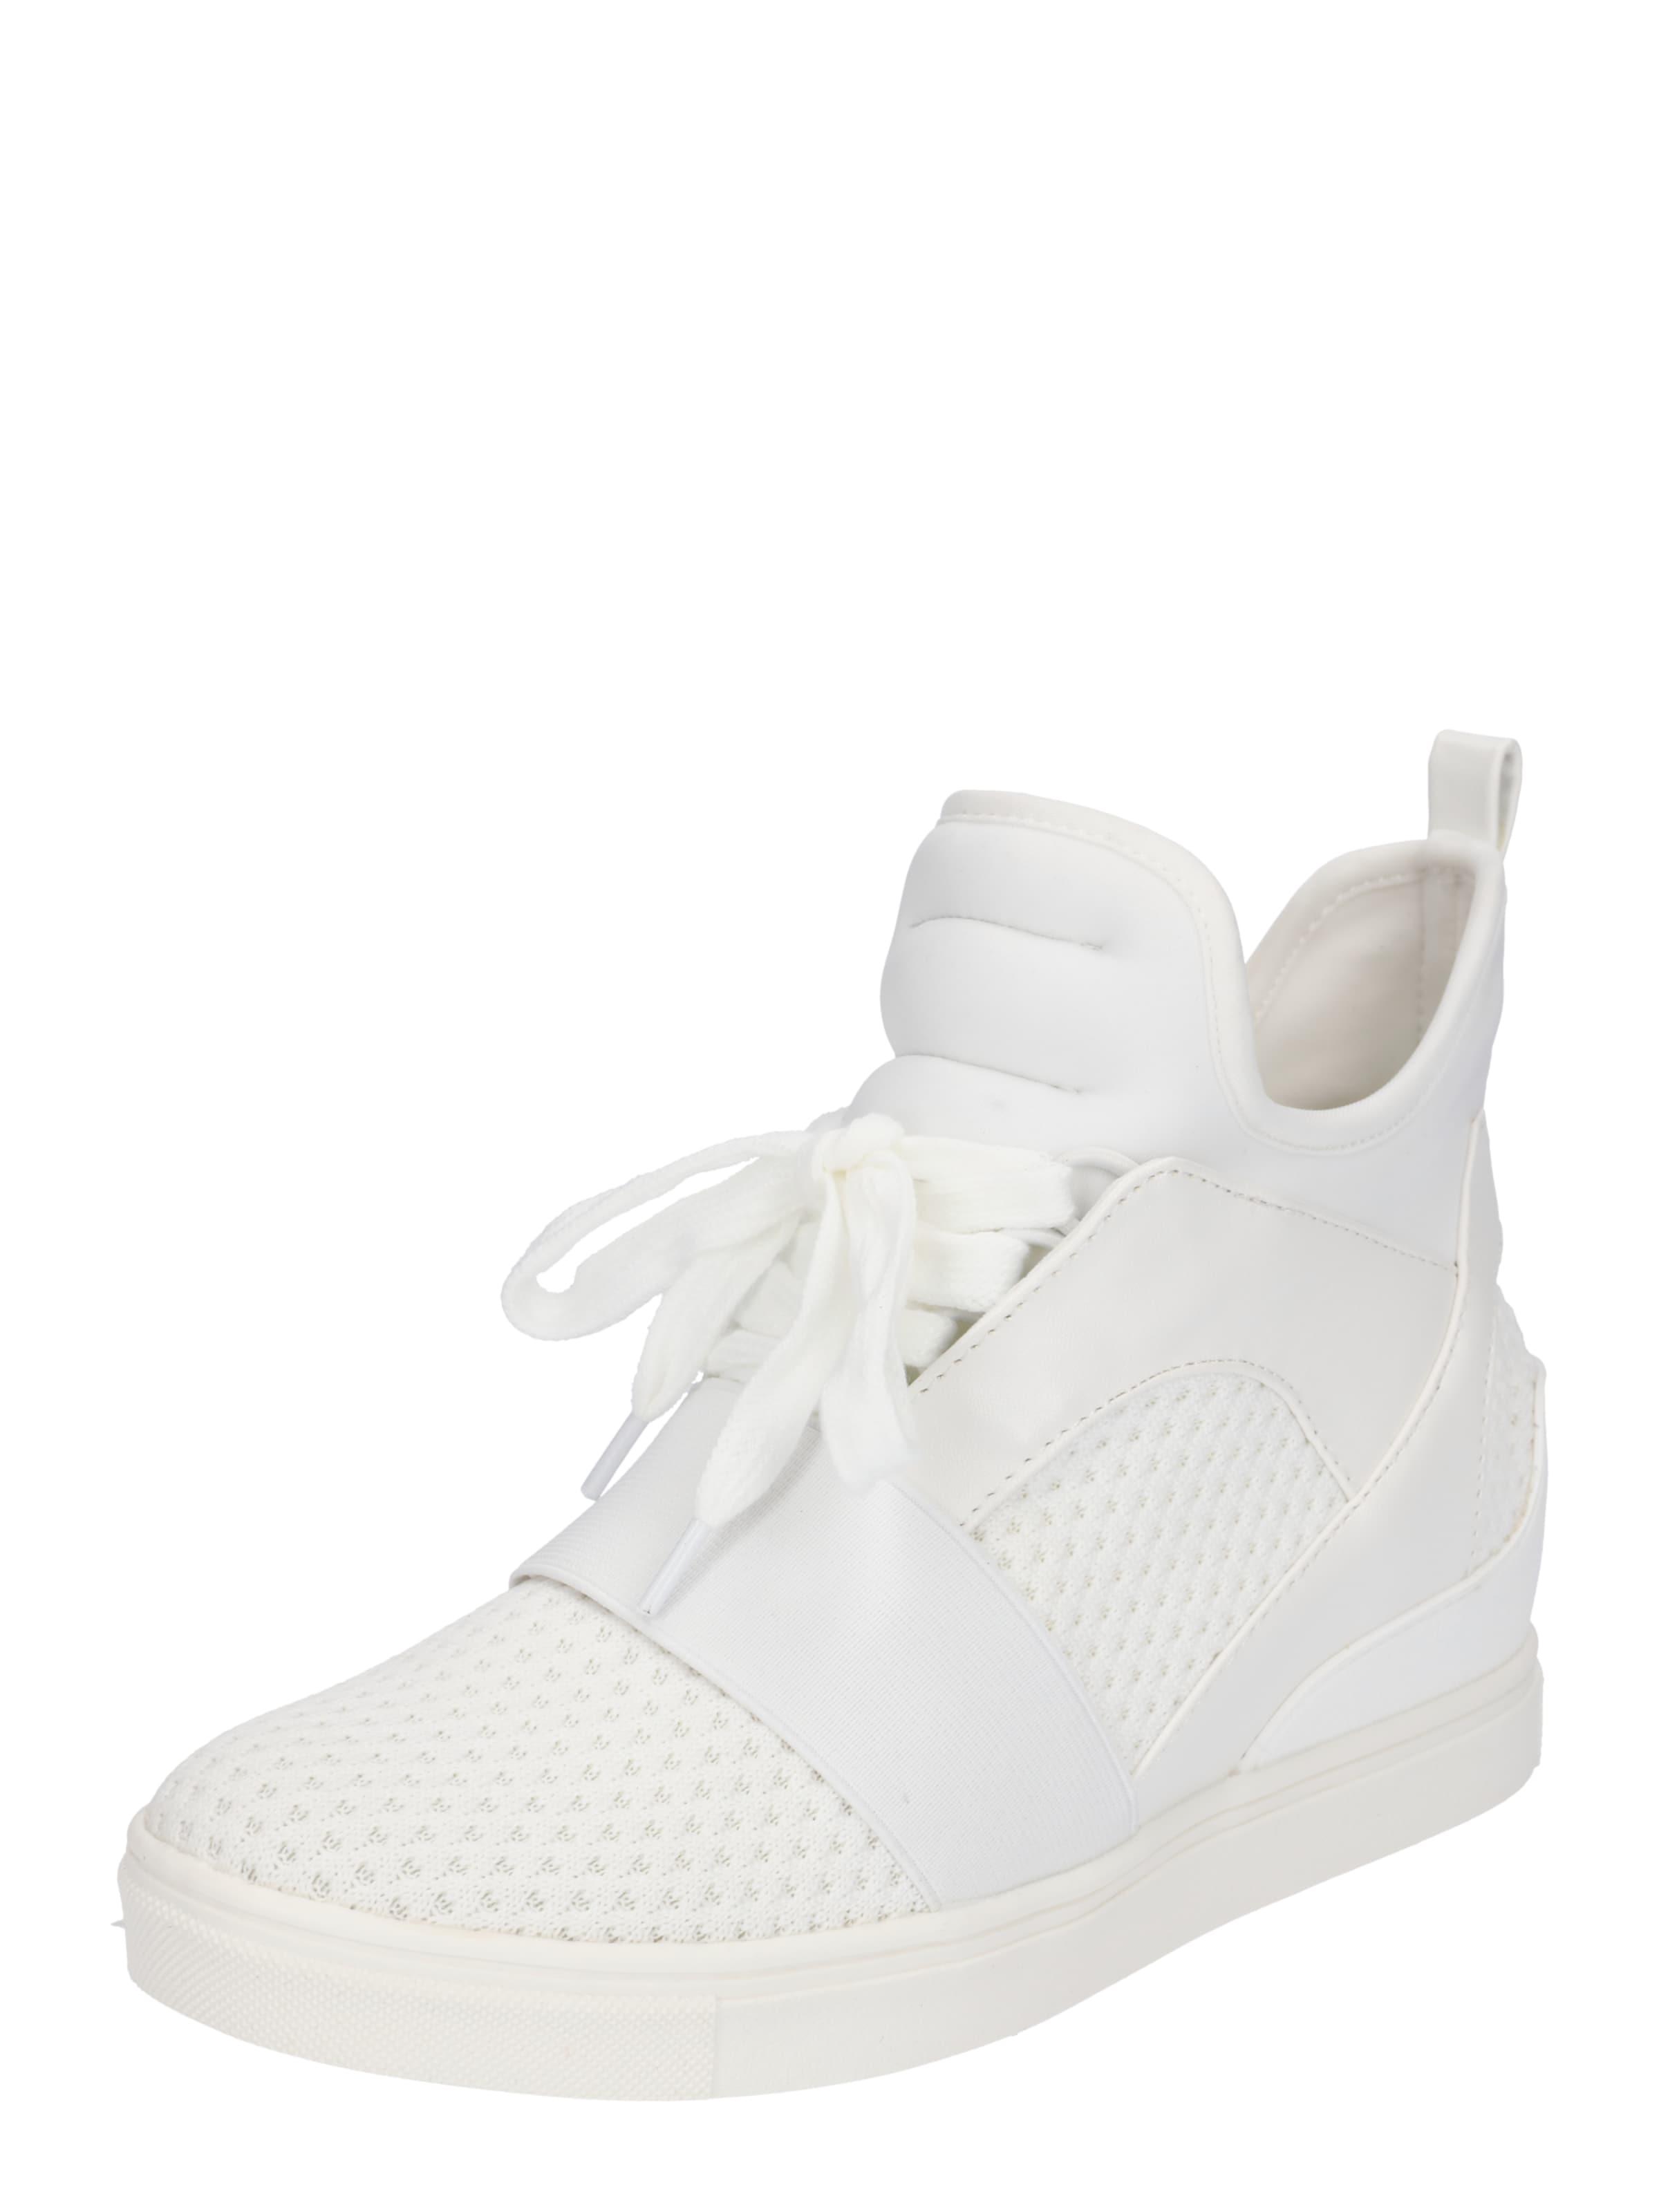 Chaussures De Sport Steve Madden Haute Lexi 'blanc 6VLKFzs